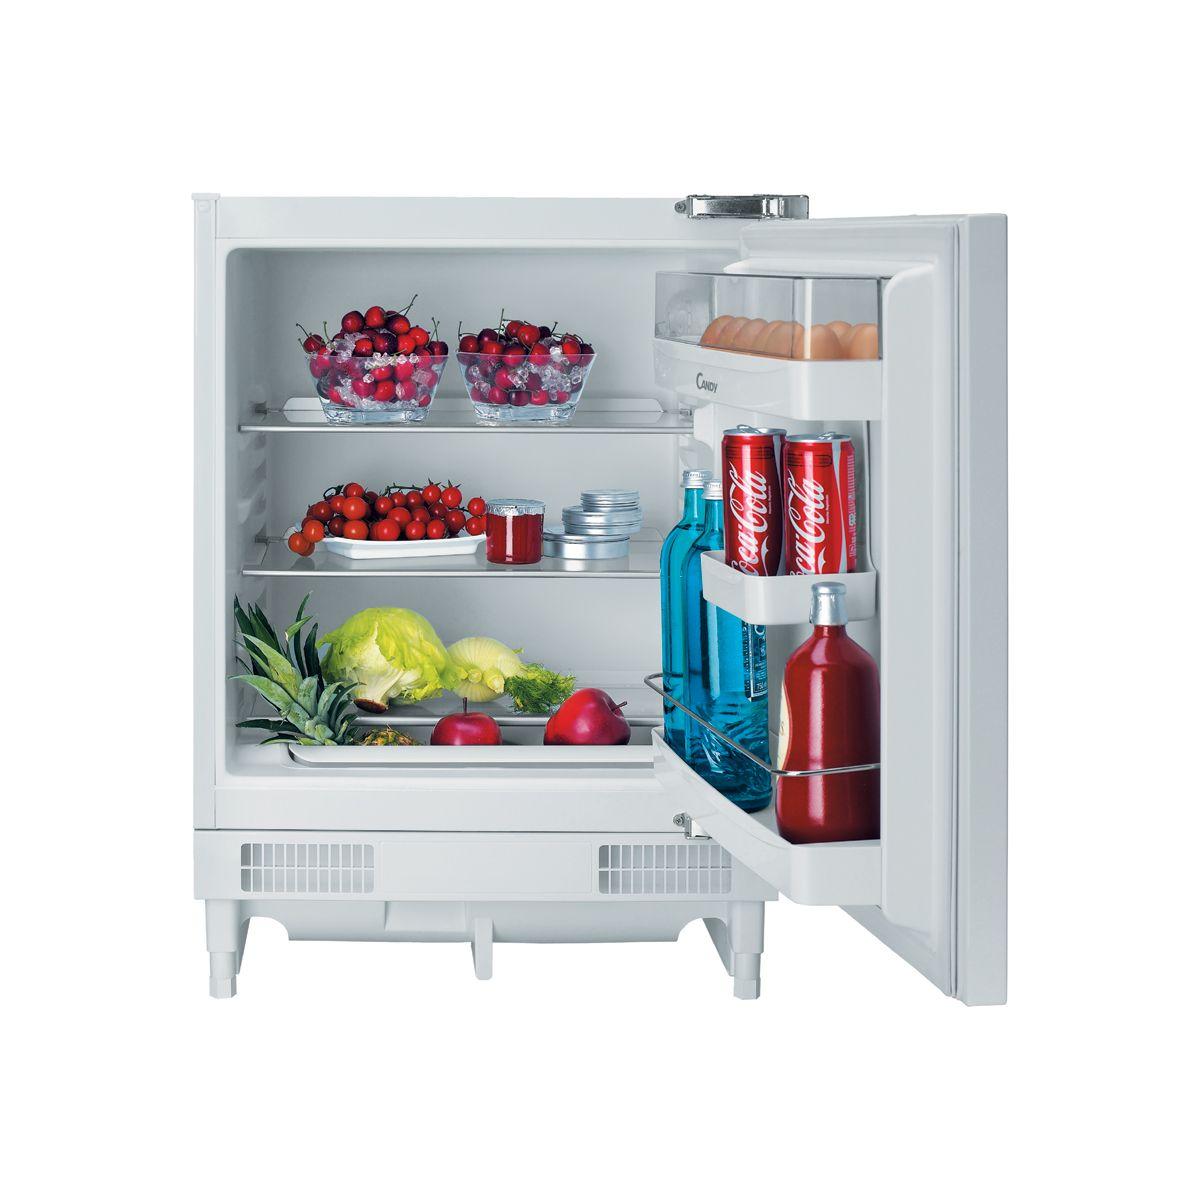 Réfrigérateur encastrable candy cru160e - 2% de remise immédiate avec le code : cool2 (photo)